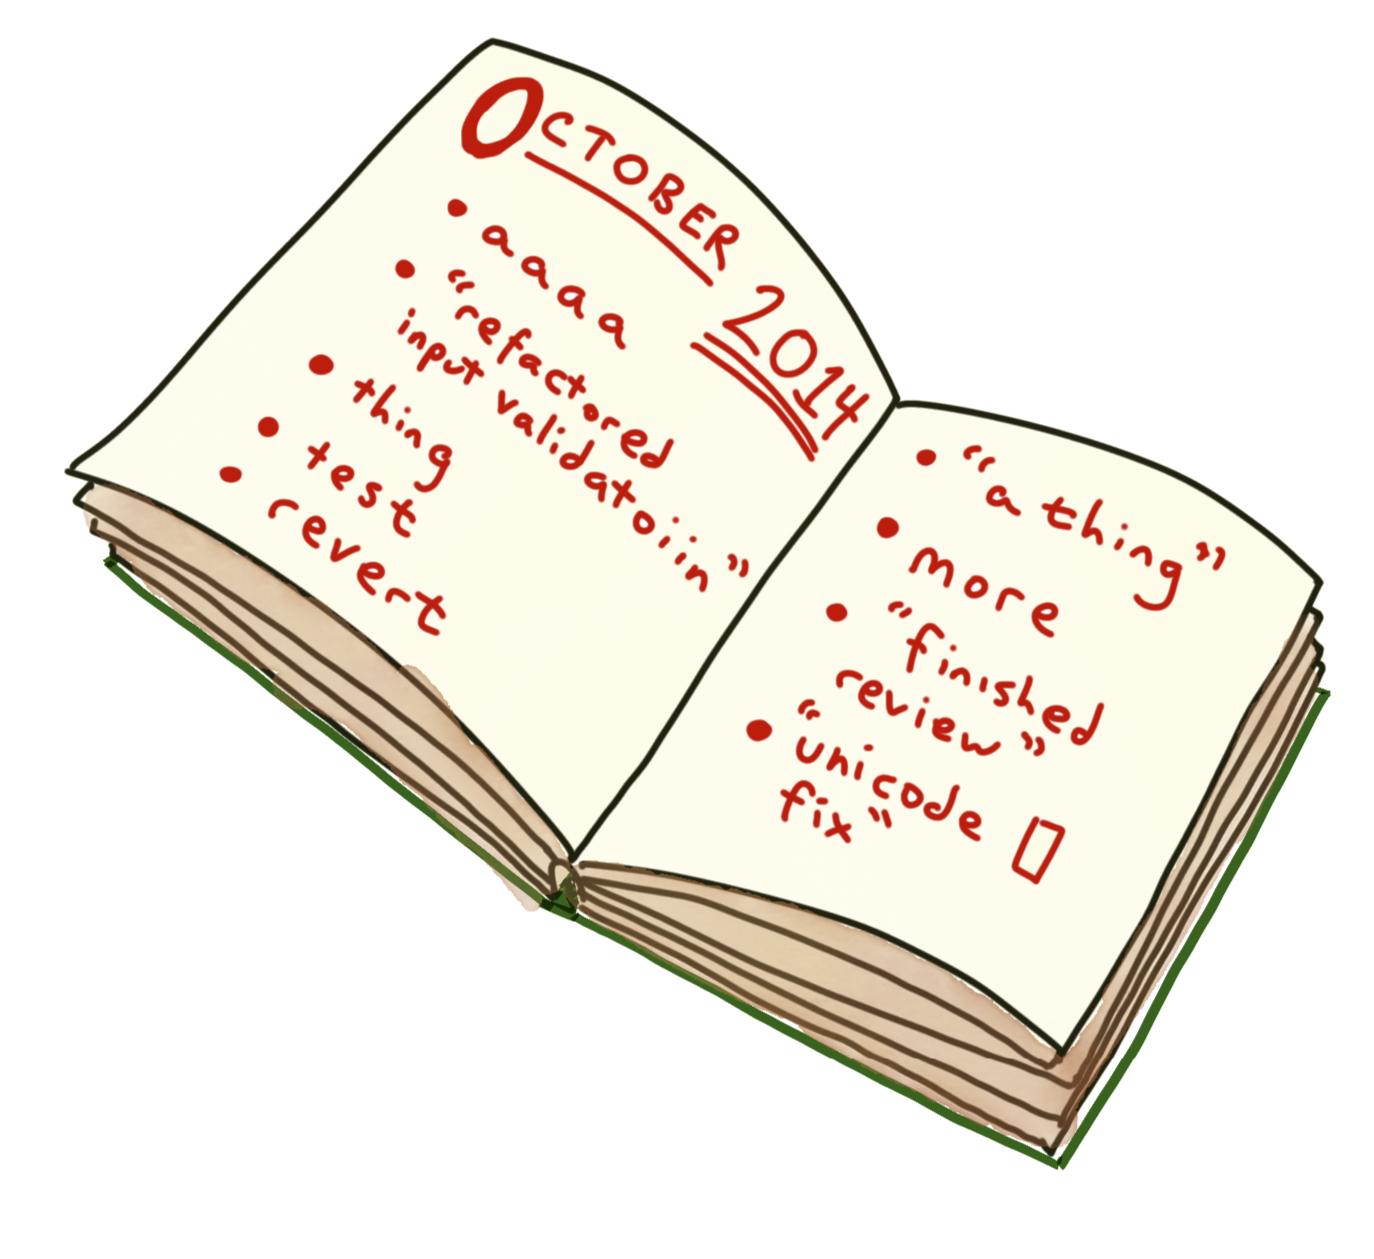 2-git-book